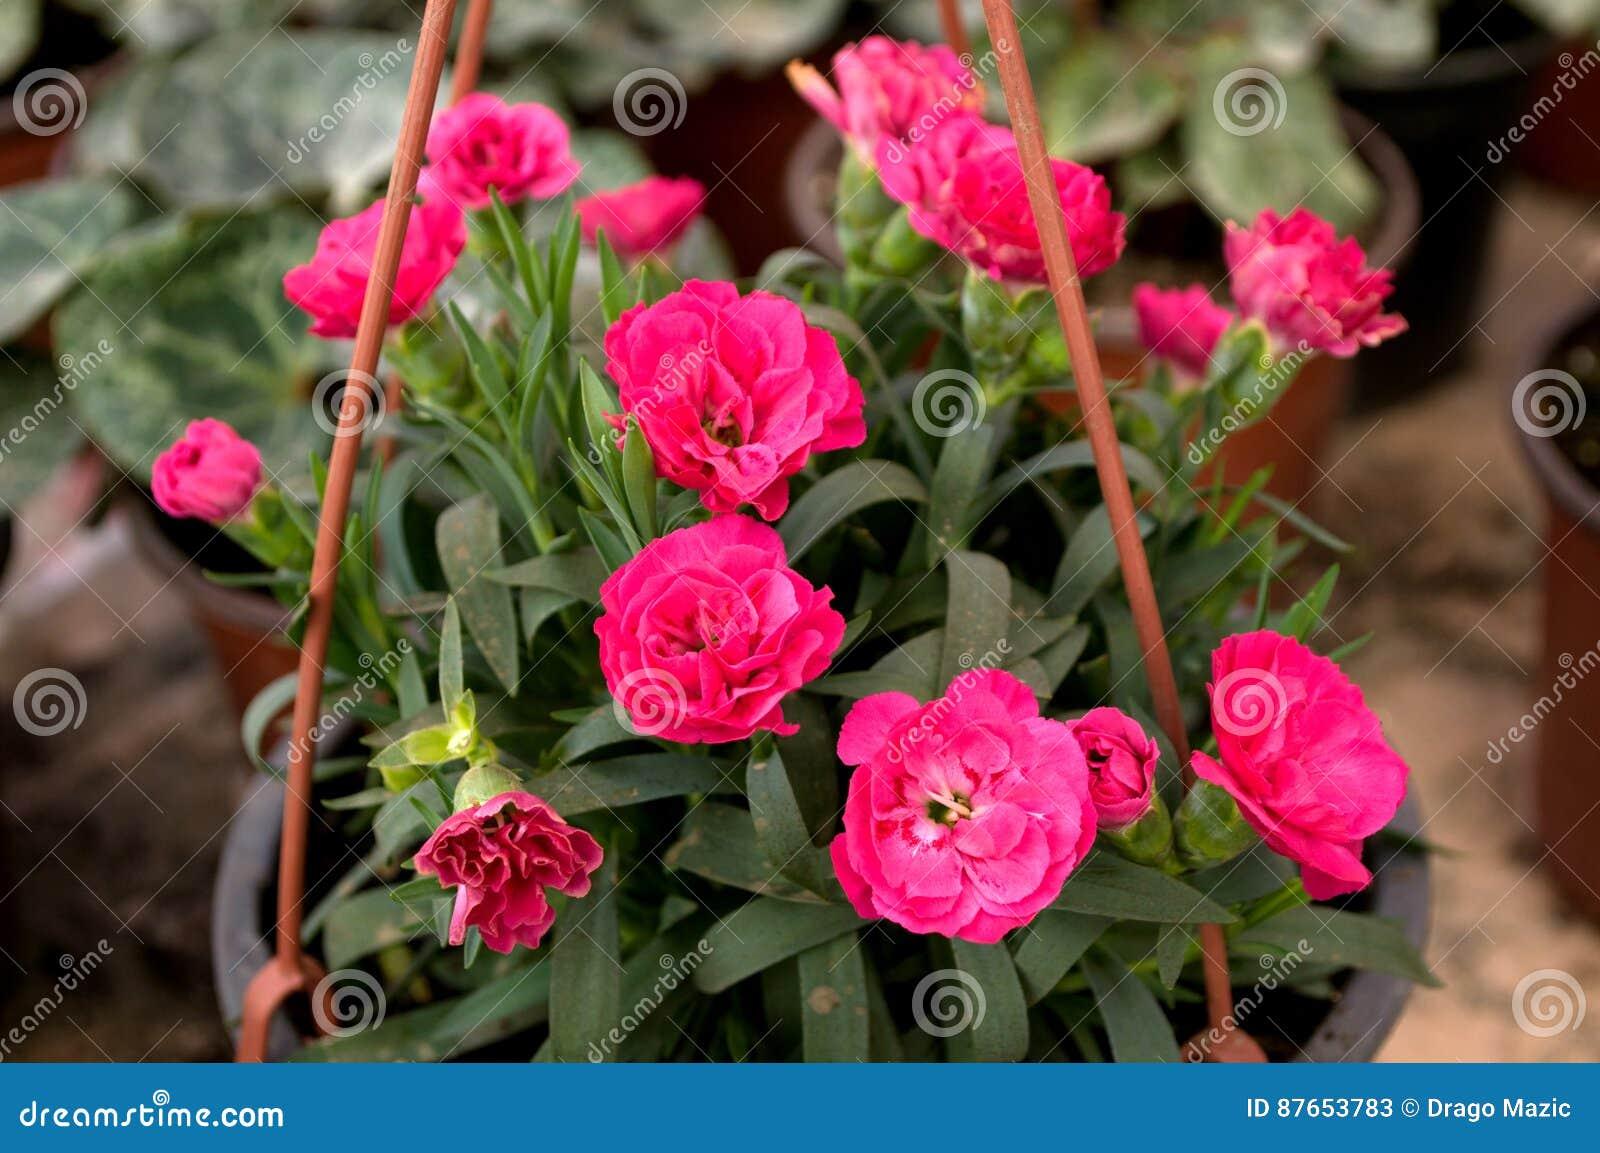 Wundervoll Welche Blumen Blühen Im März Beste Wahl Pattern Rosa Blühen Februar, Bereit Zum Frauen